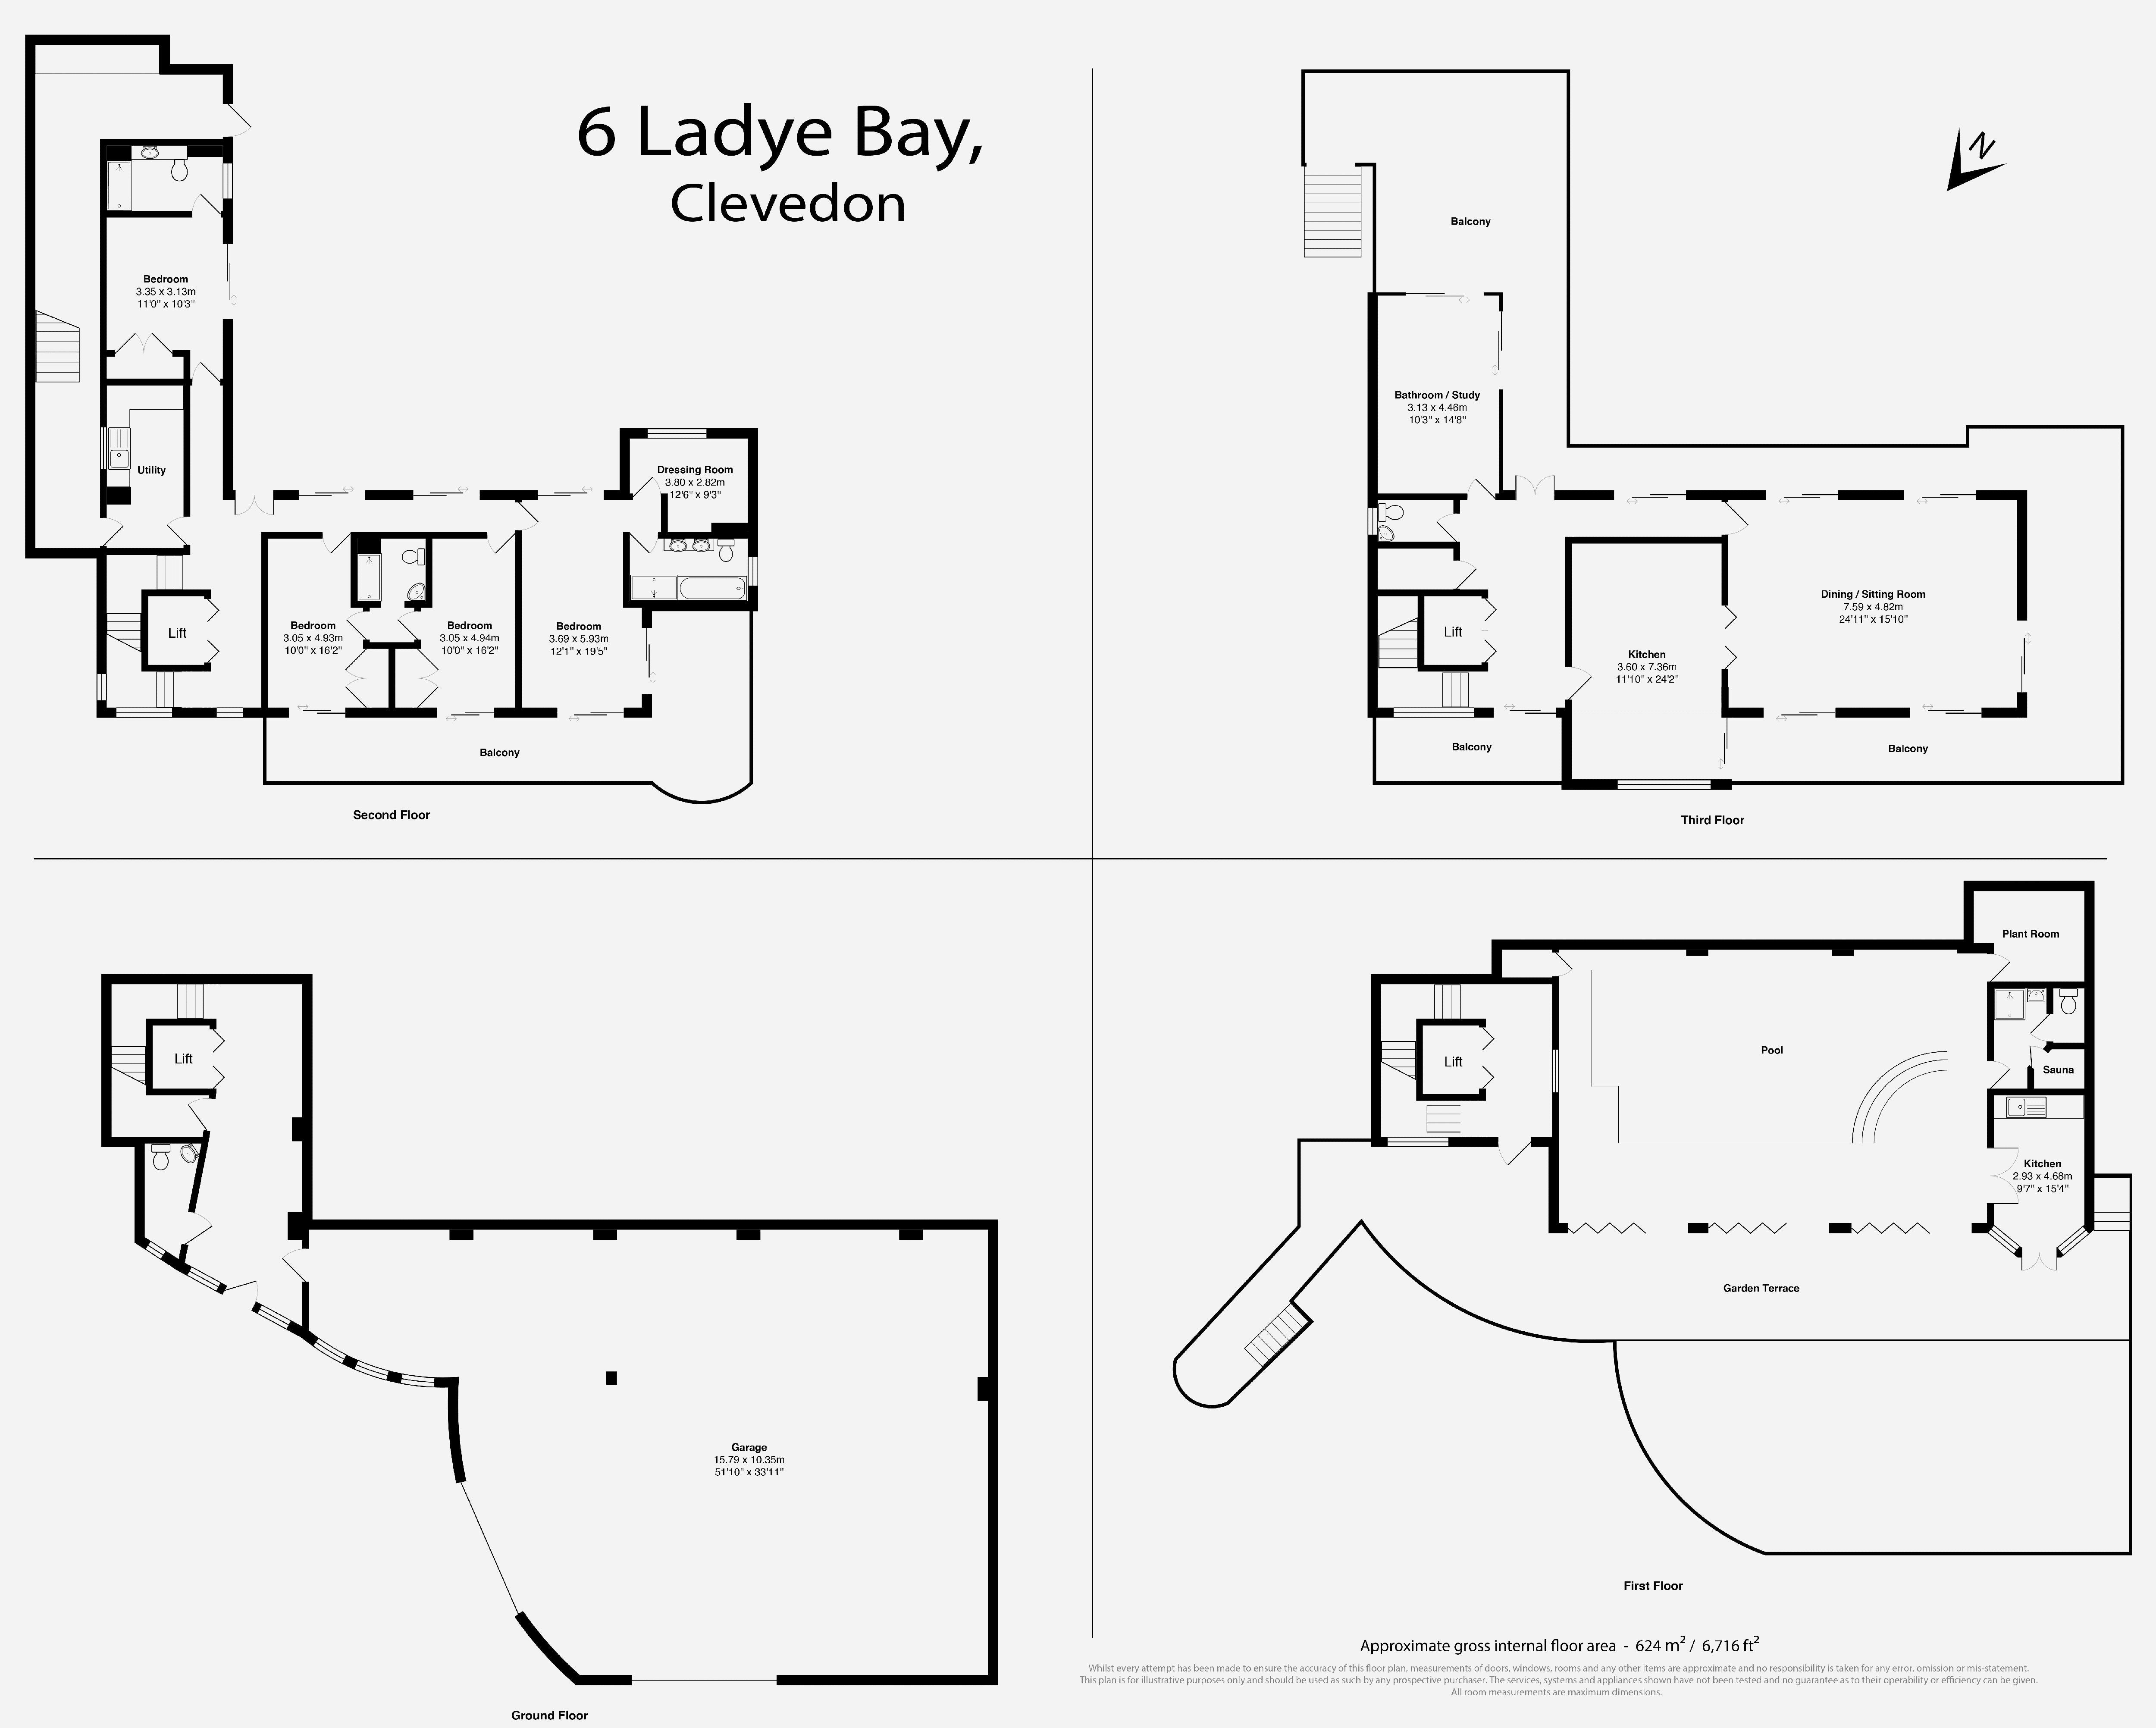 Ladye Bay